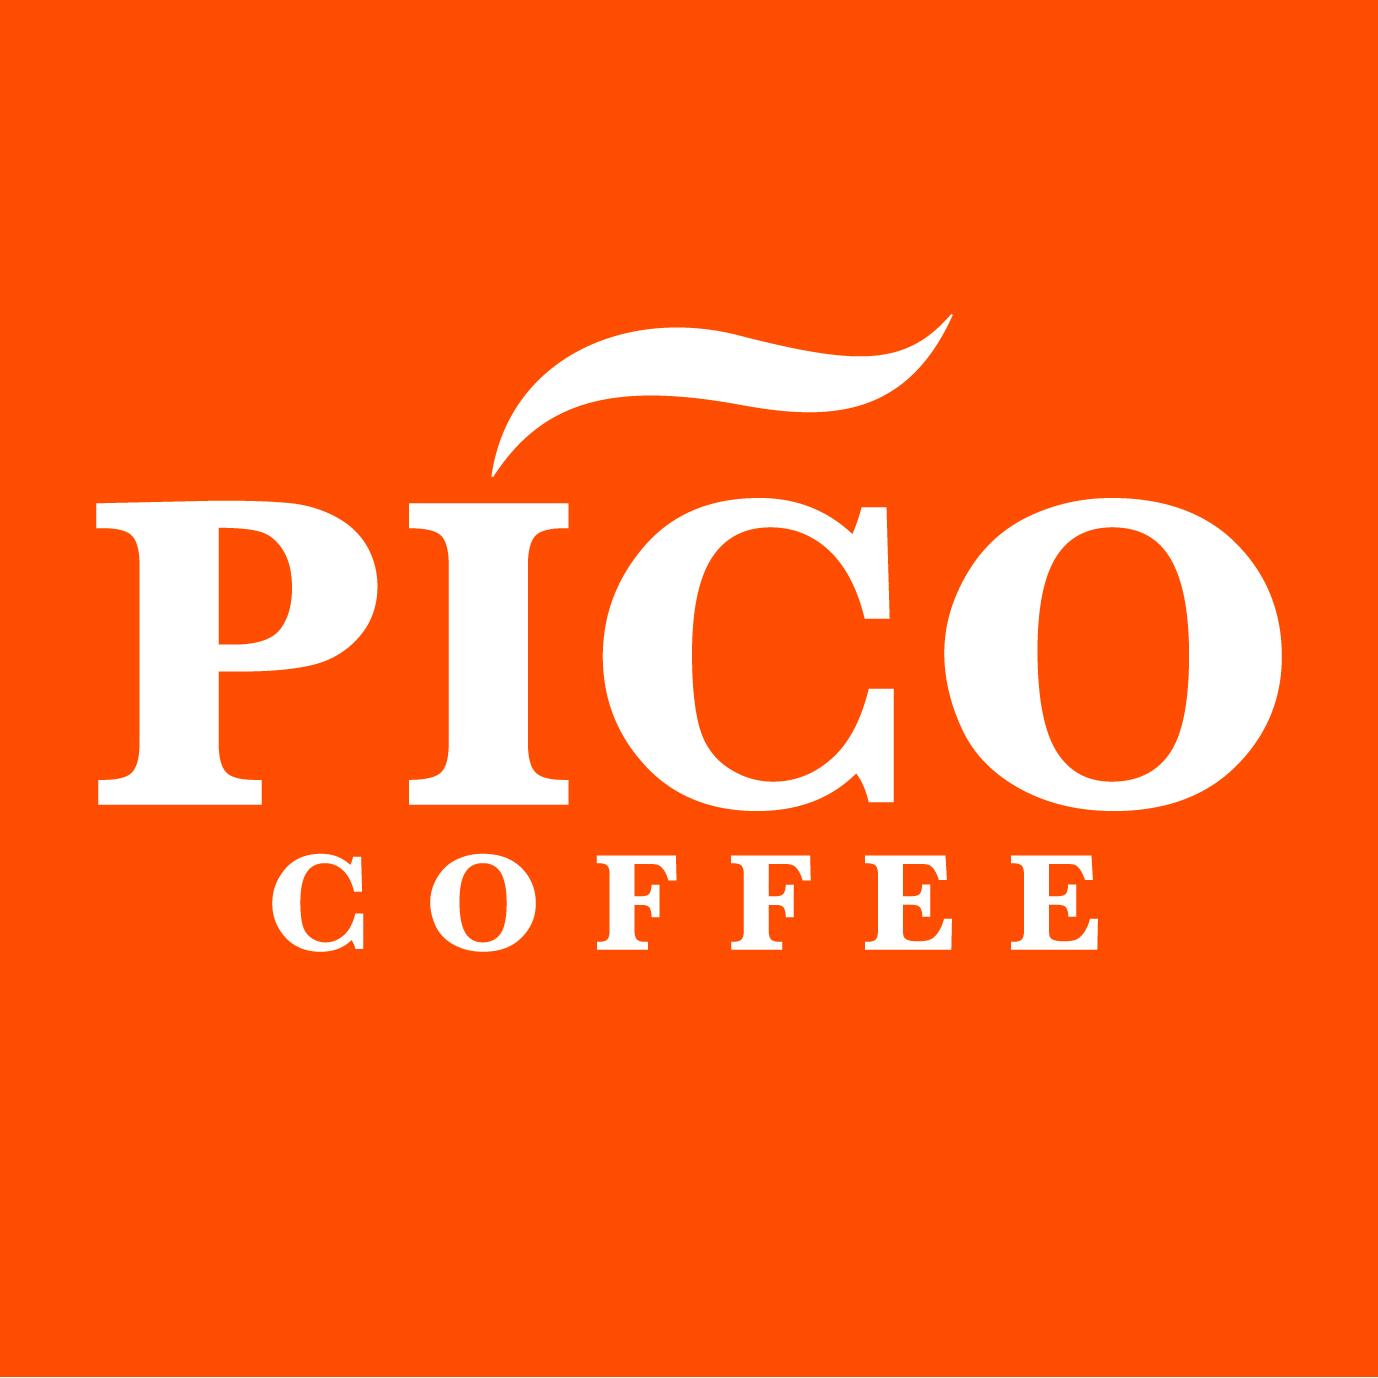 PICO COFFEE